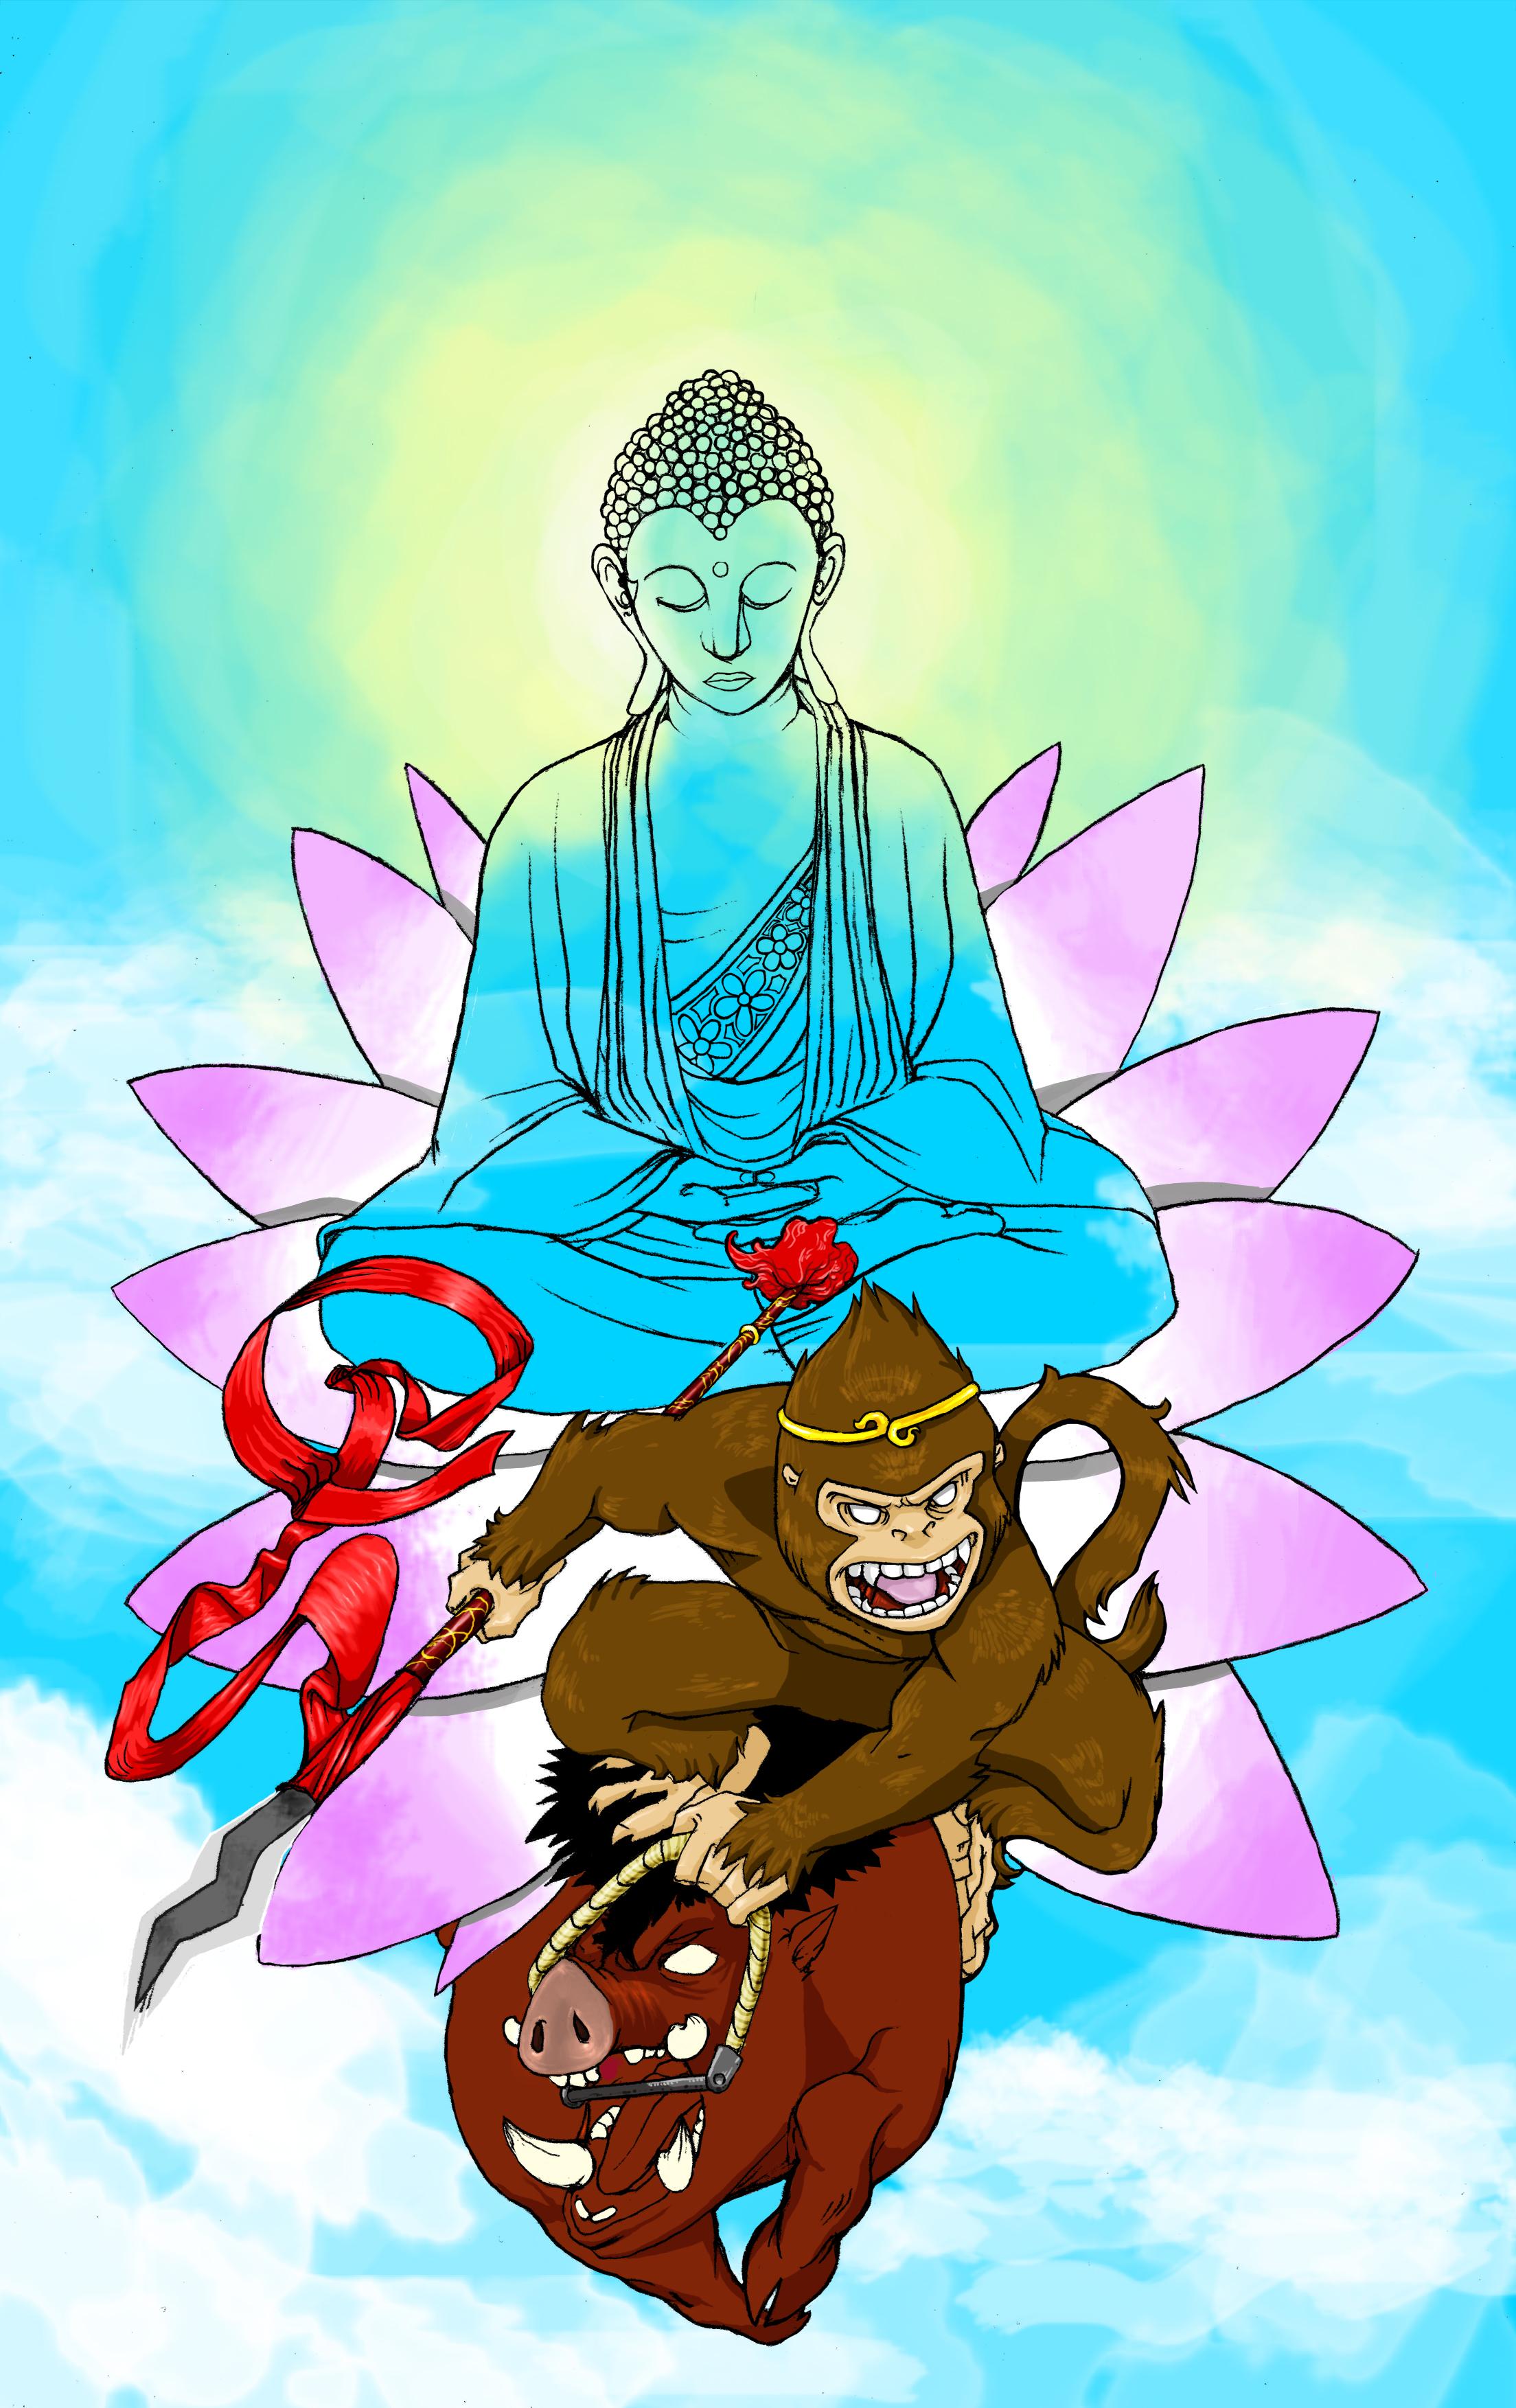 Goku - The Monkey King